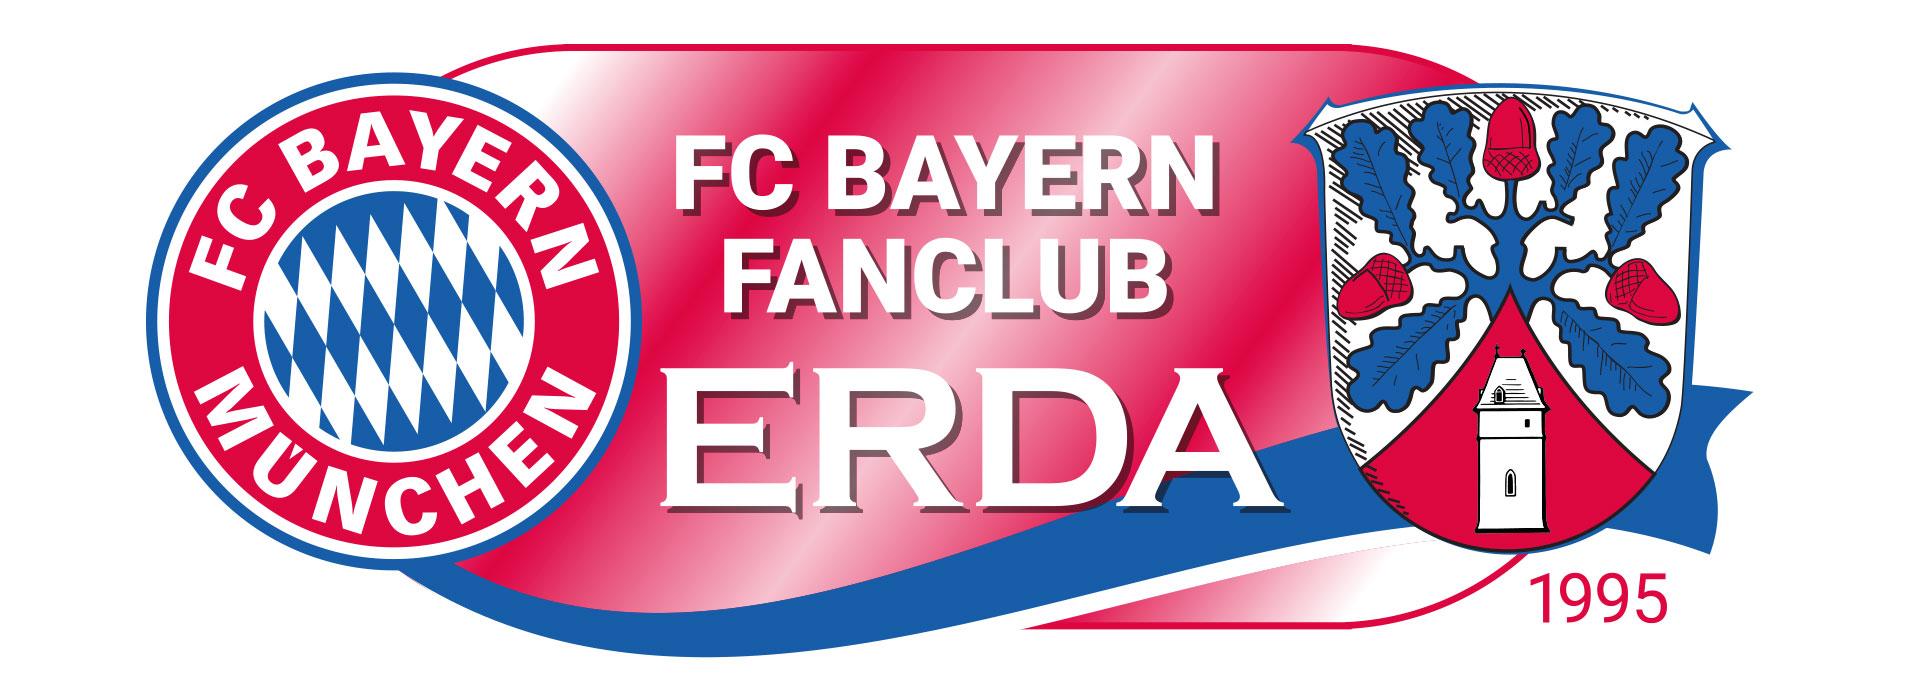 FC Bayern Fanclub Erda